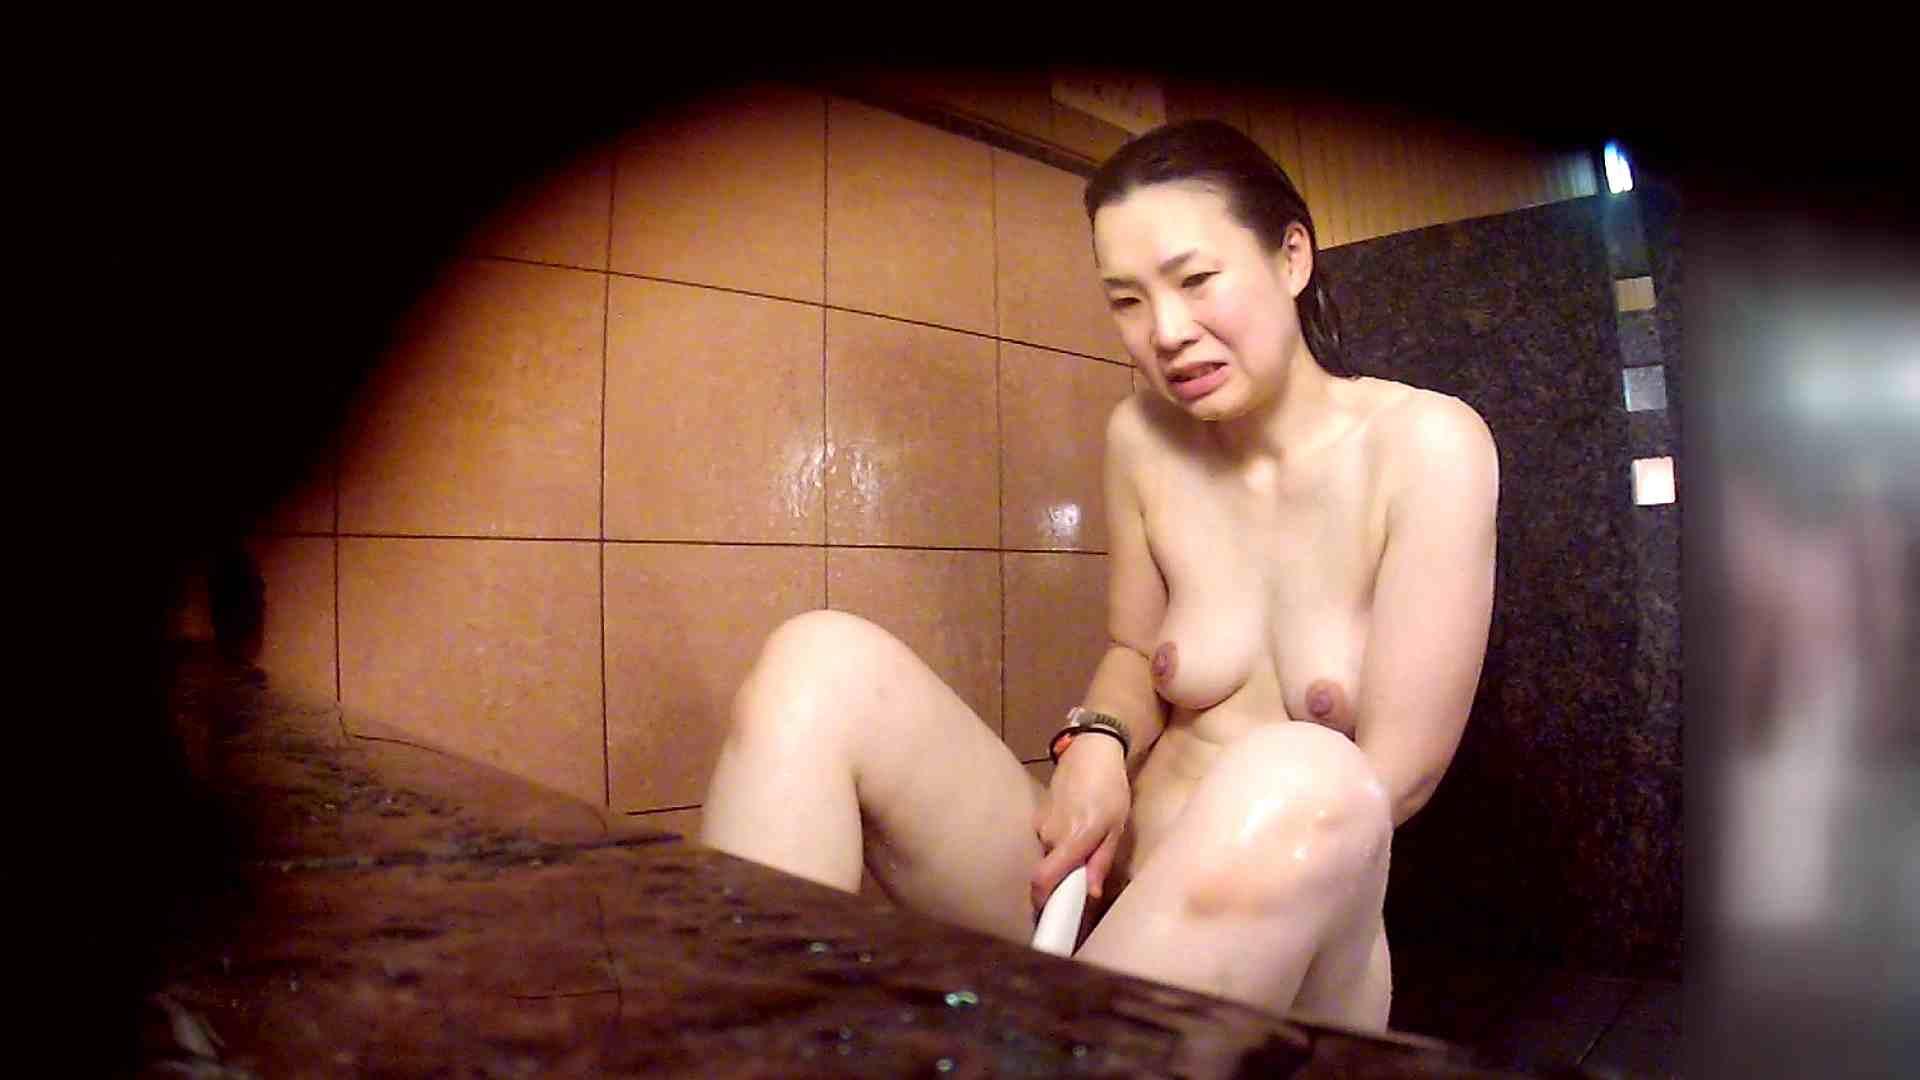 洗い場!マッスルお嬢さん!でもオッパイだけは柔らかそうです。 銭湯   潜入エロ調査  53連発 42